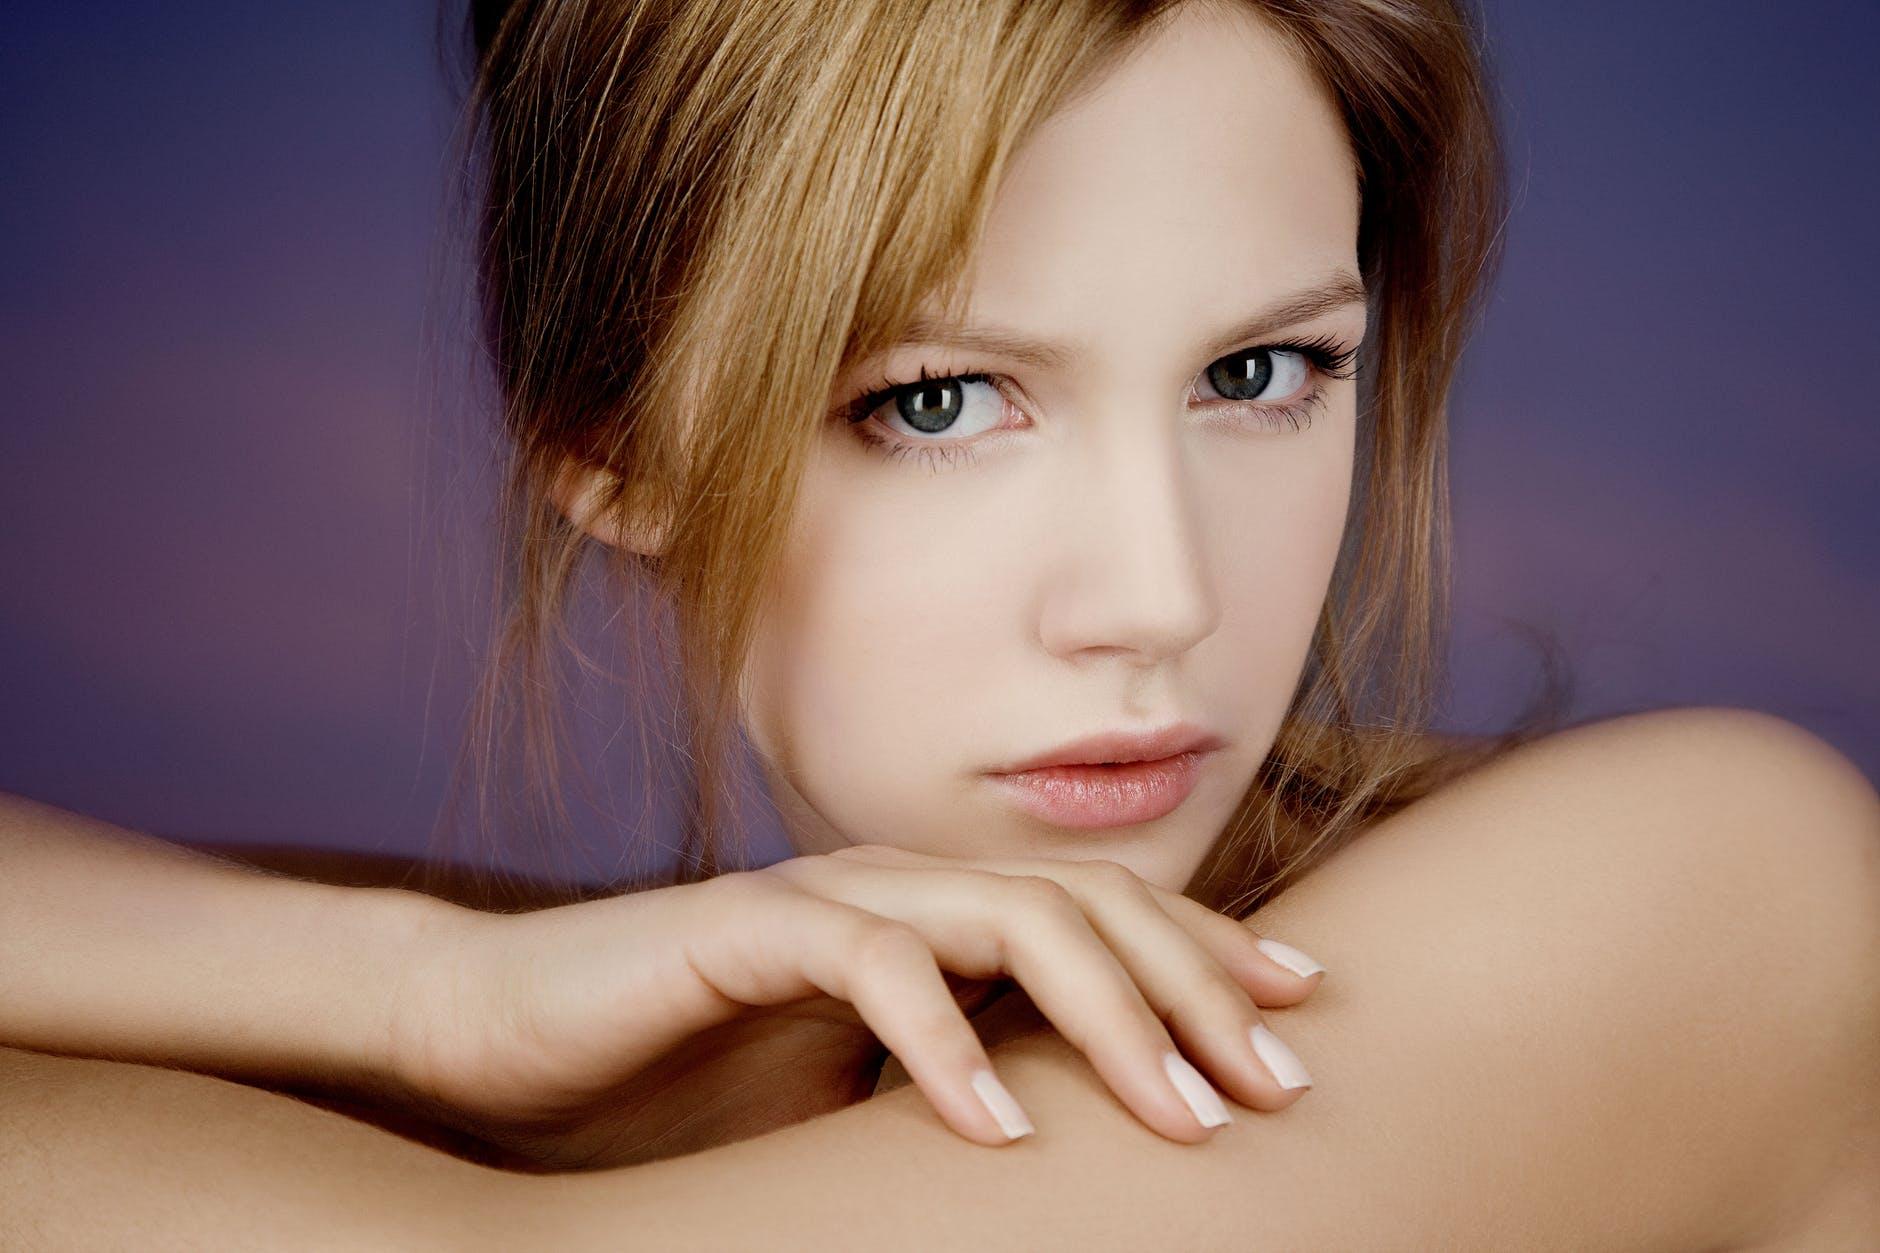 Bí quyết làm đẹp-Cô gái sơn móng tay màu trắng.